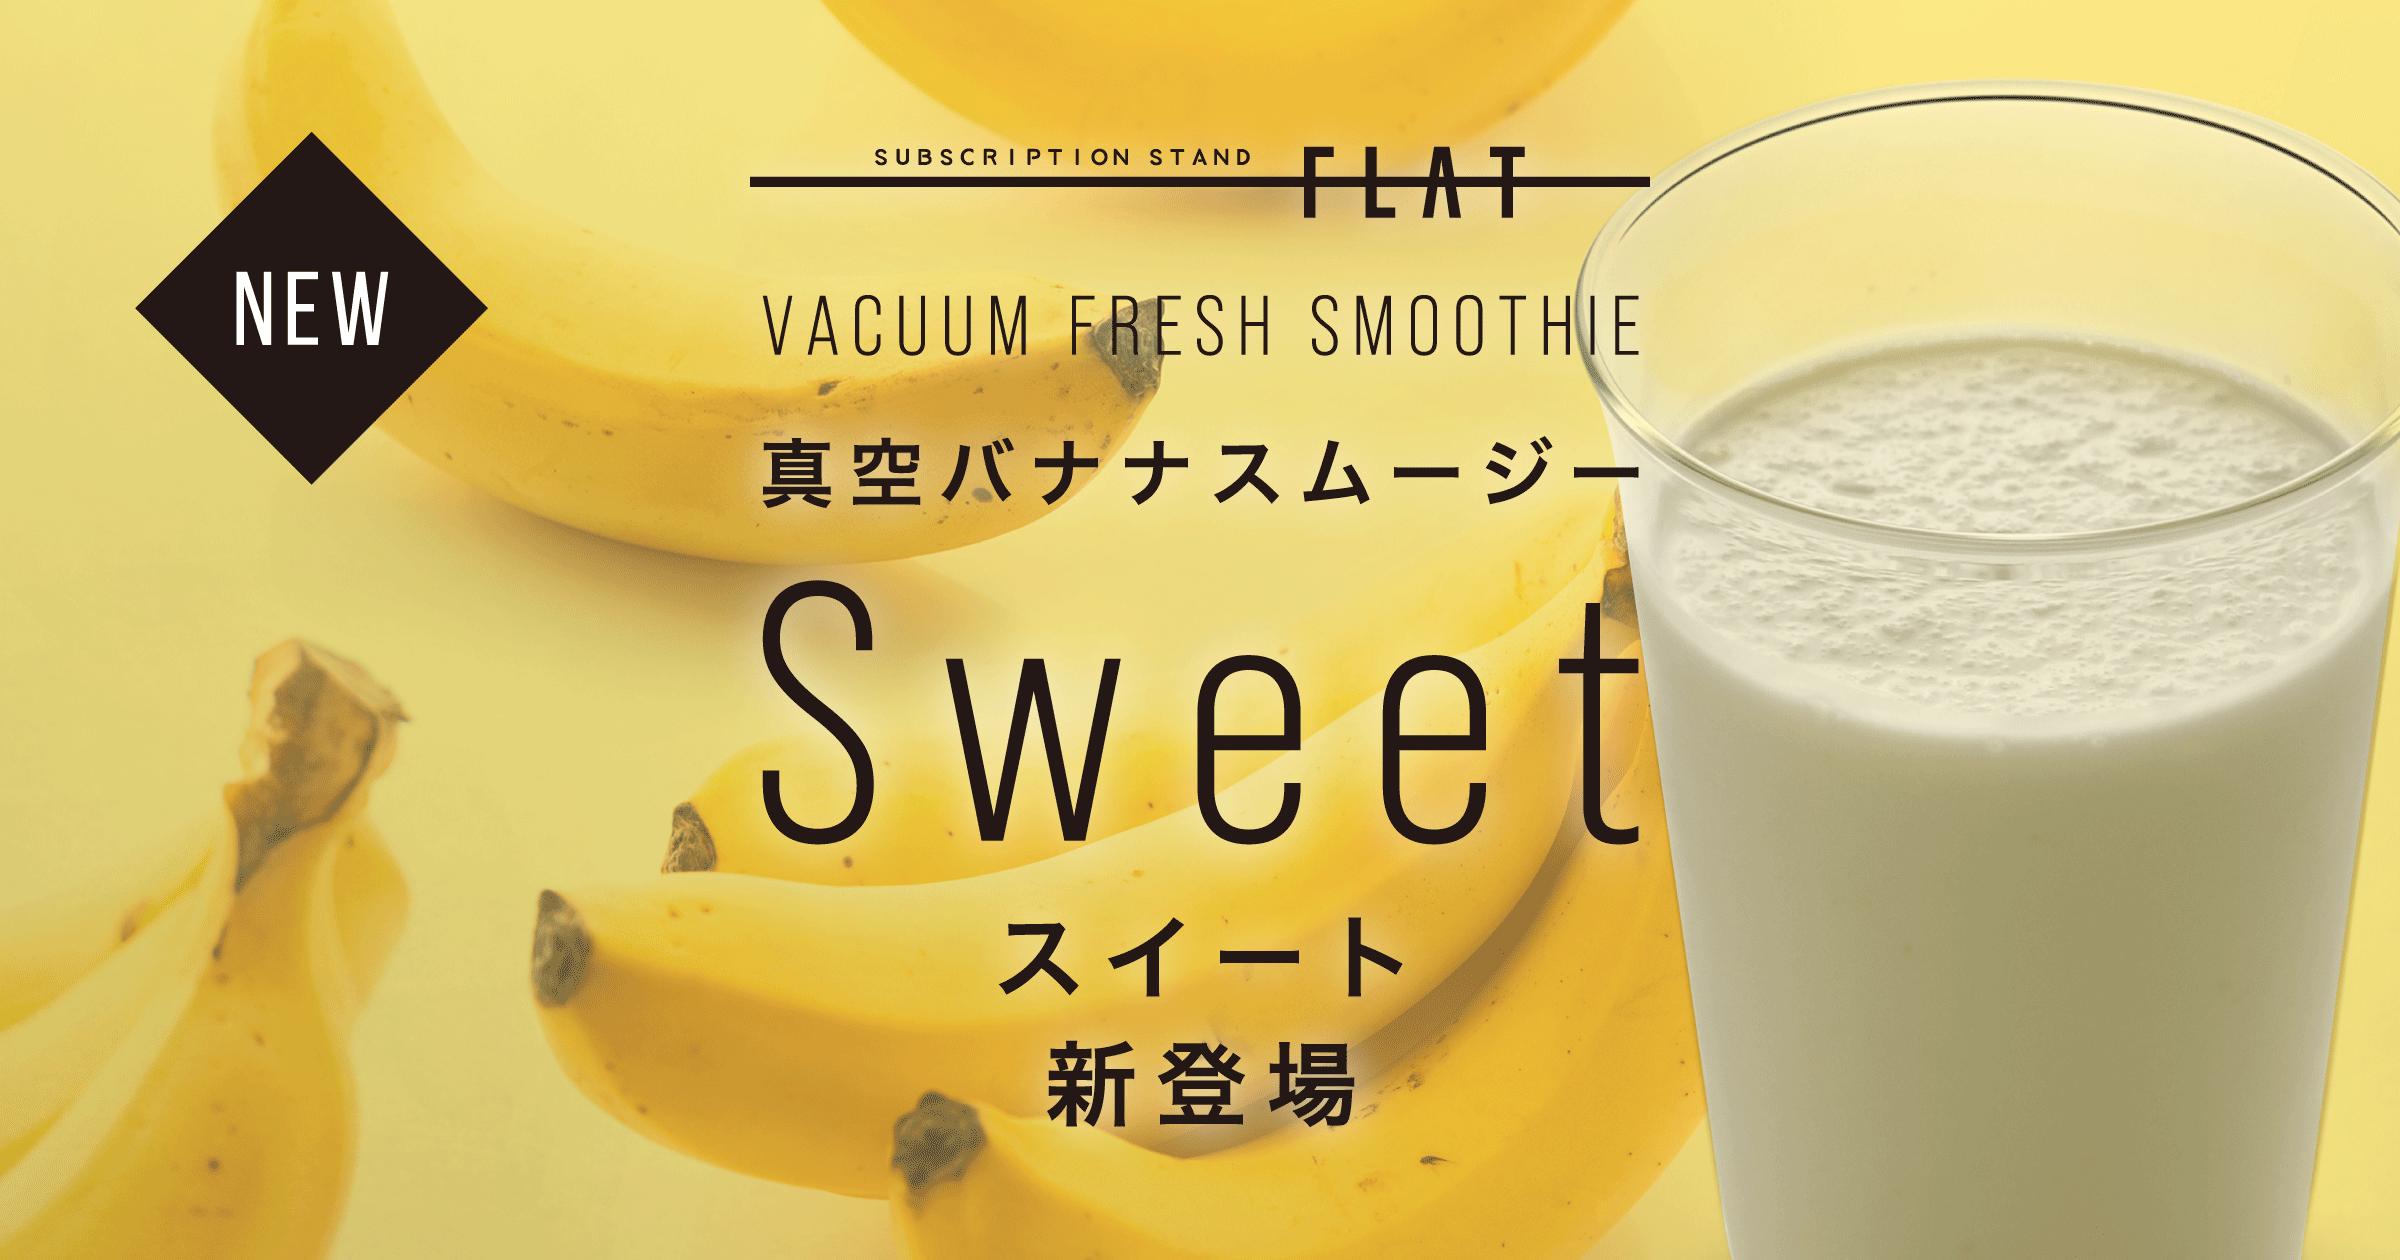 バナナスムージーが毎日飲み放題!新宿西口のサブスク型ドリンクスタンド『フラット』に新メニューが登場!12月1日より発売開始。